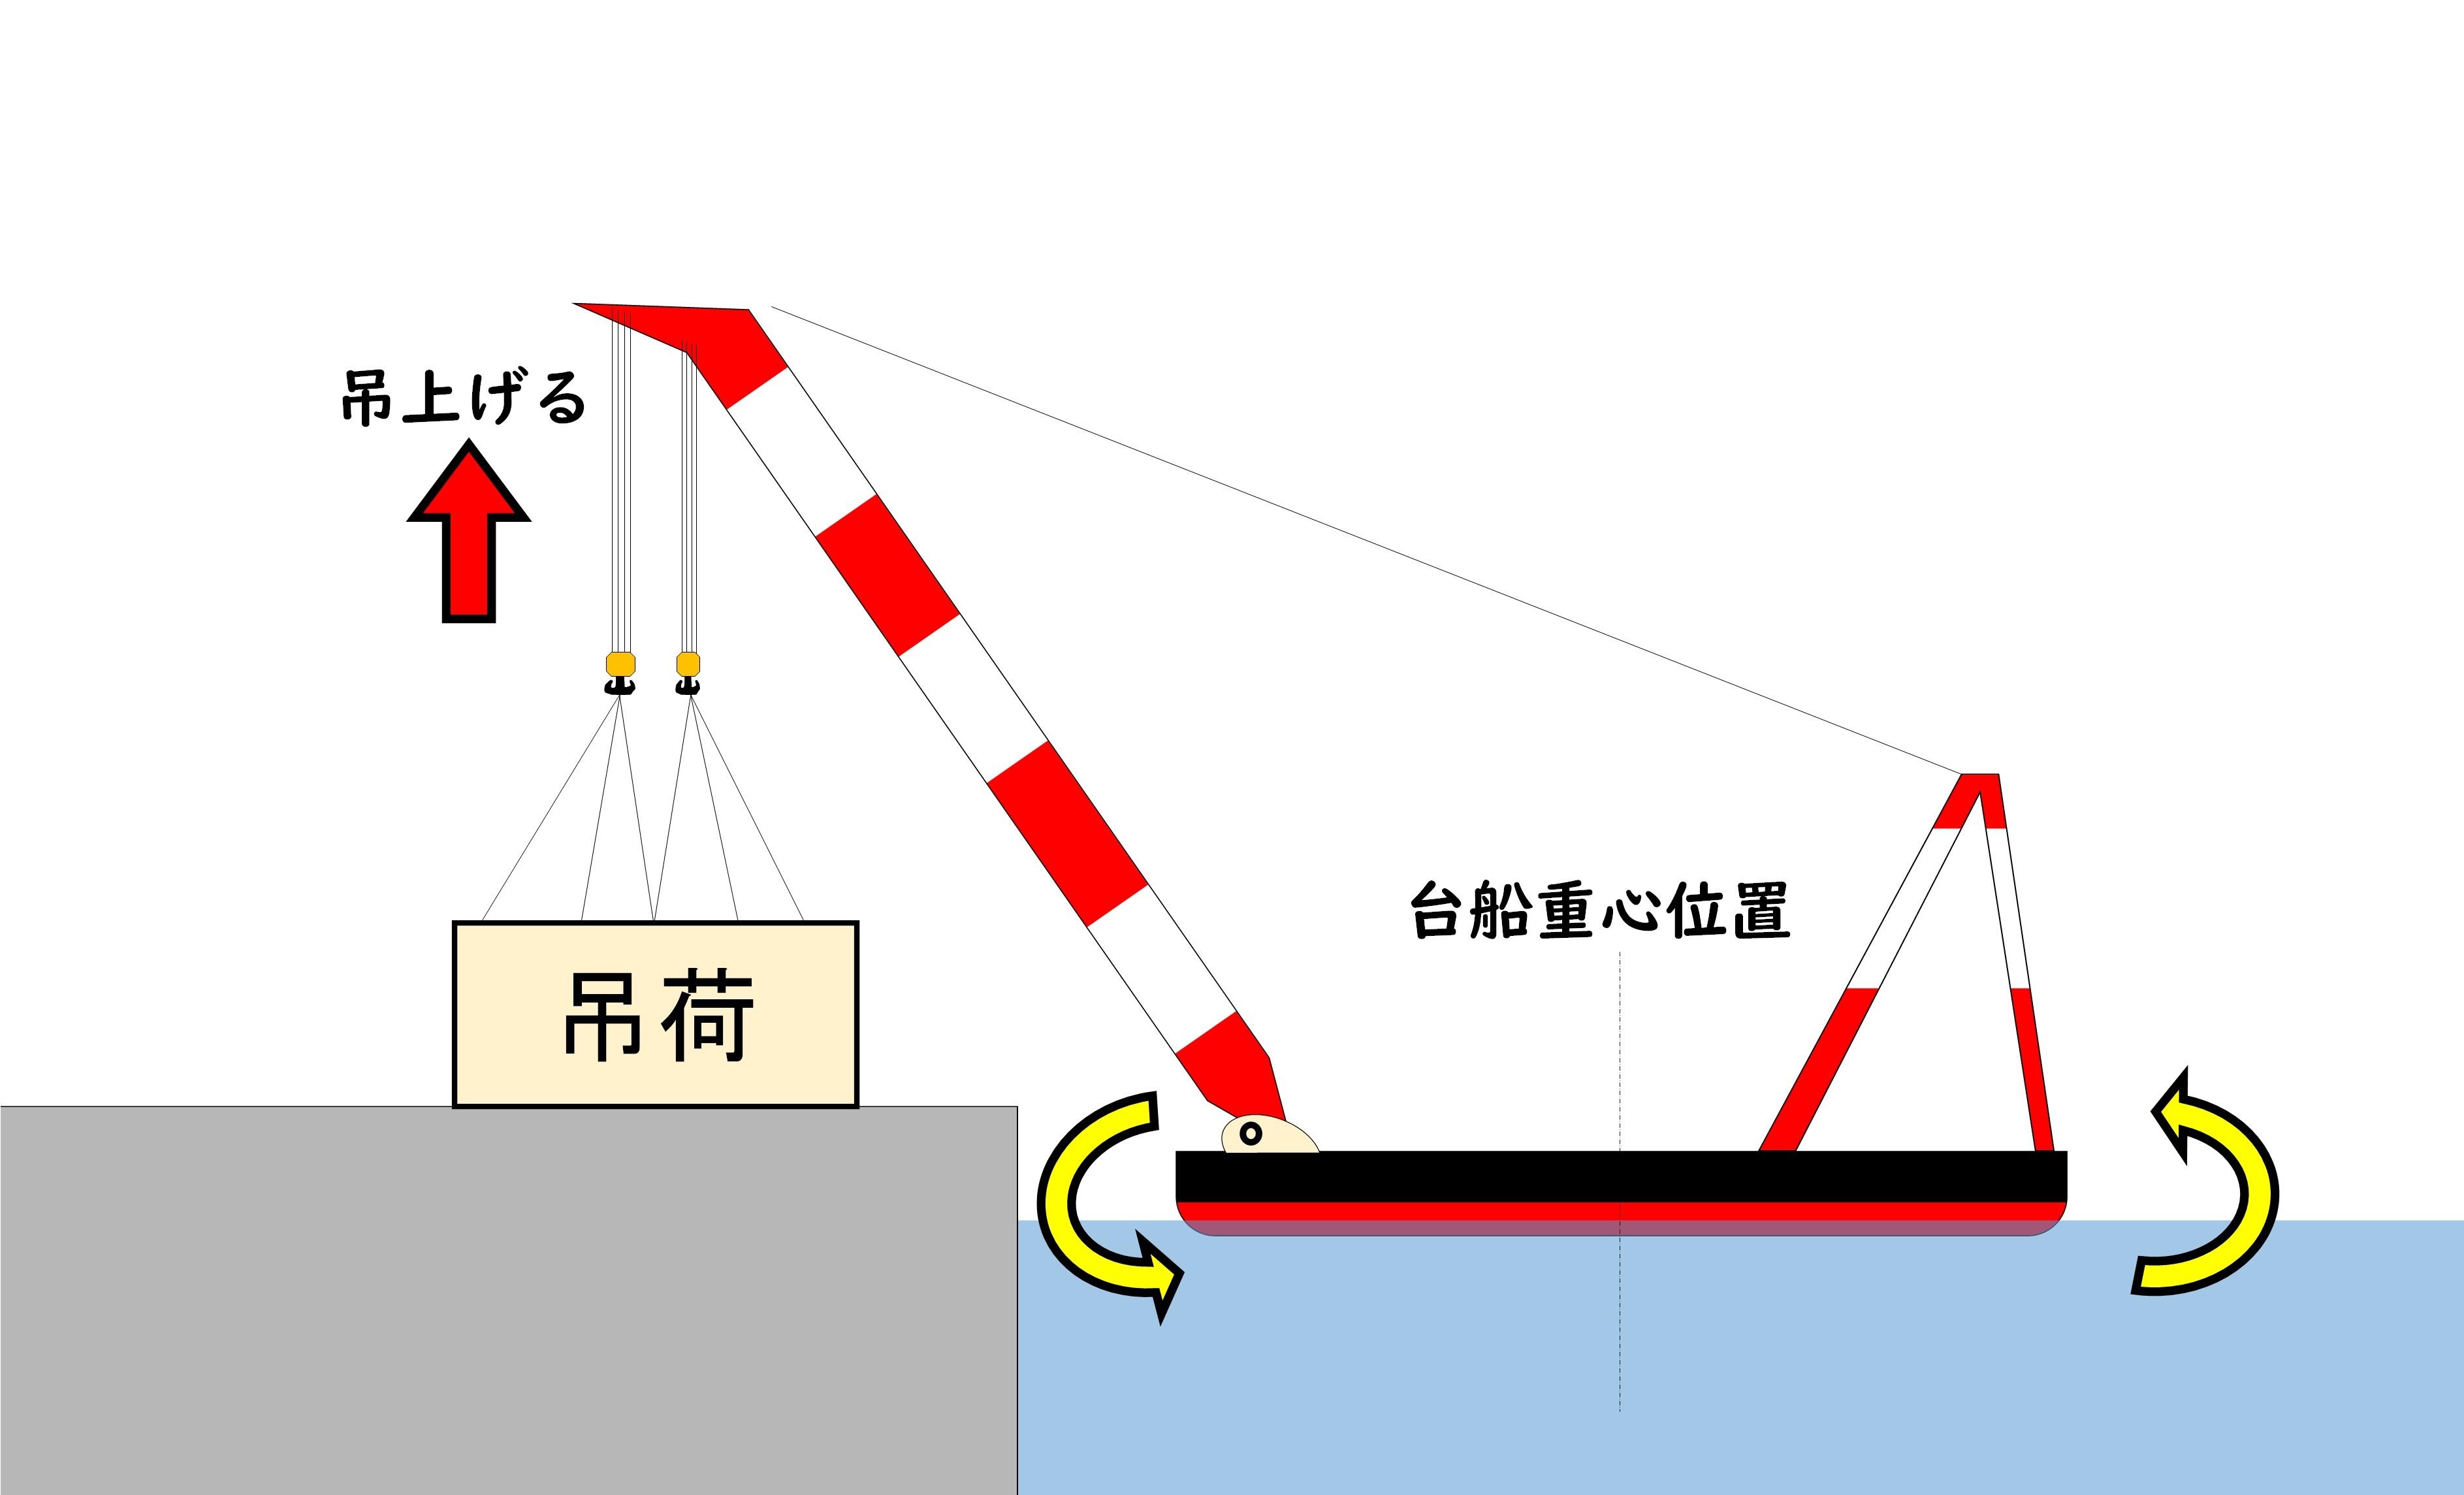 起重機船七不思議2-02